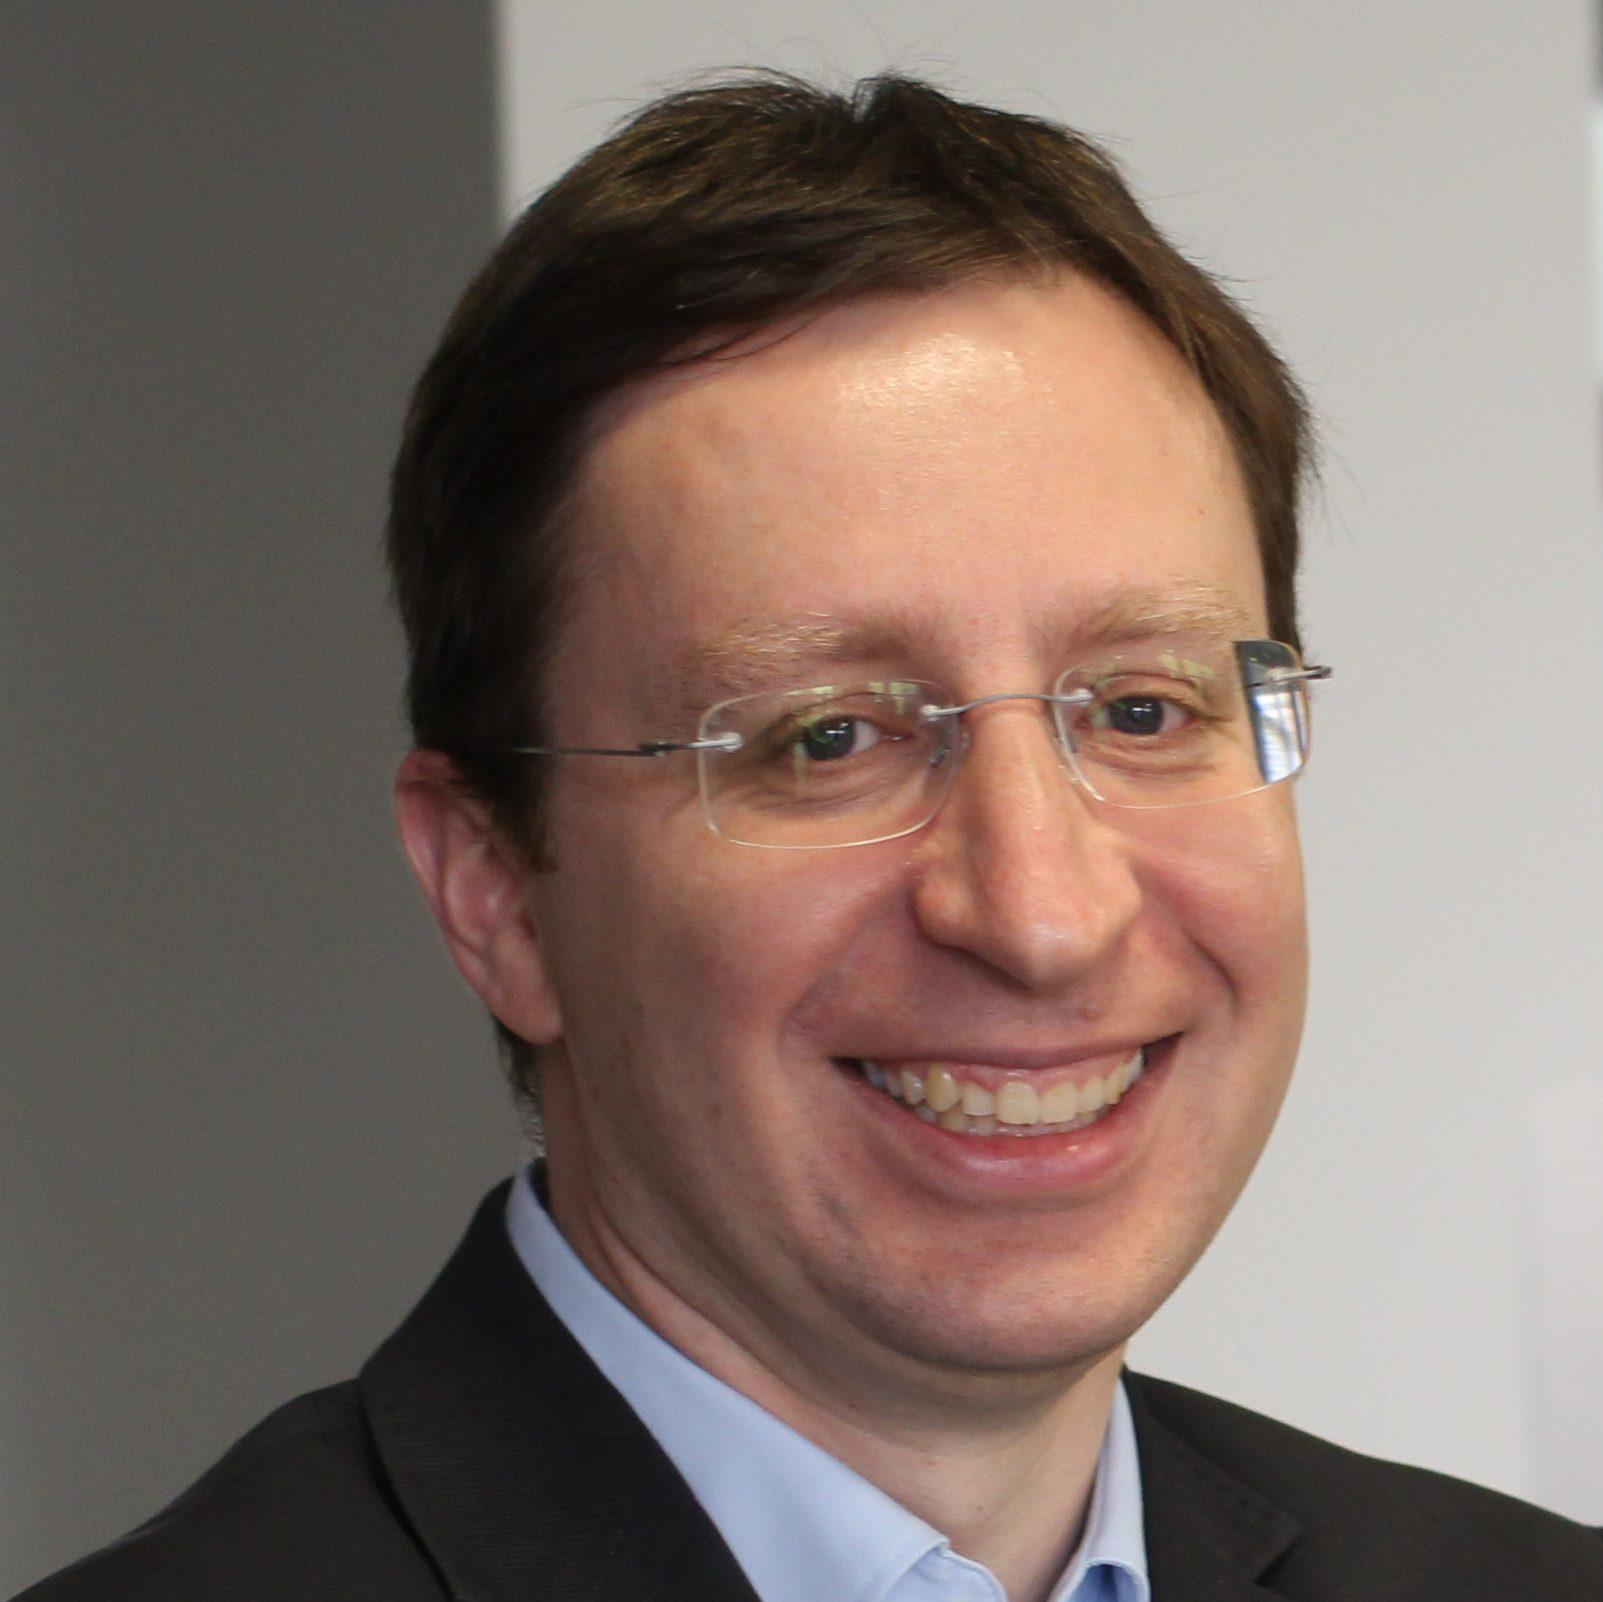 Portrait-Foto von Prof. Dr. Günter Daniel Rey